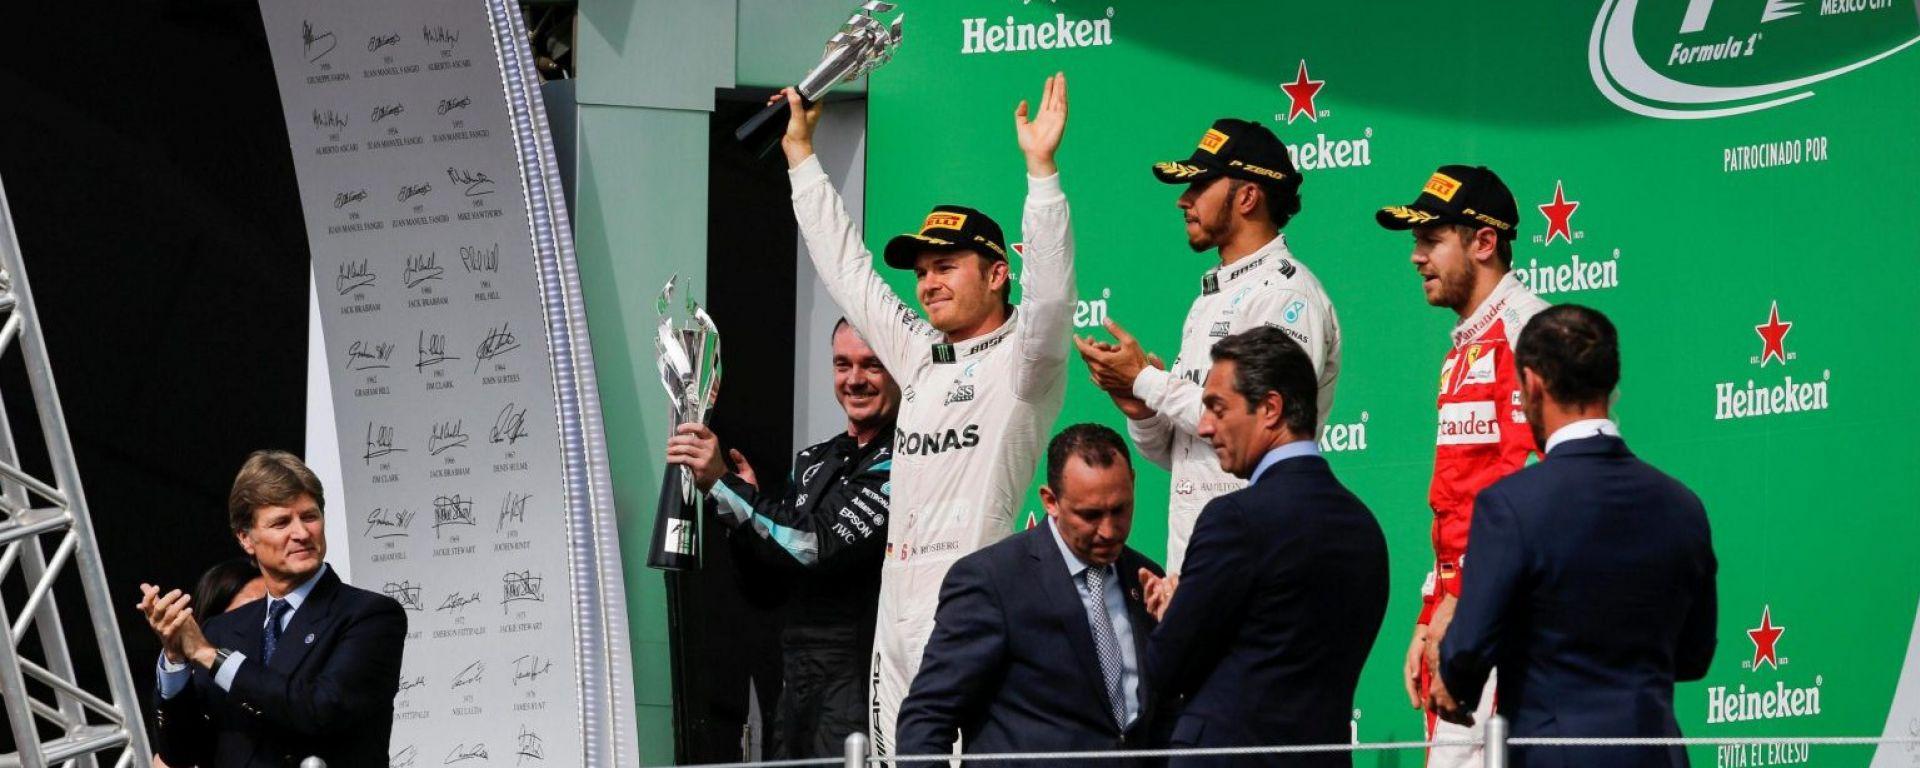 Il podio - F1 GP Messico 2016